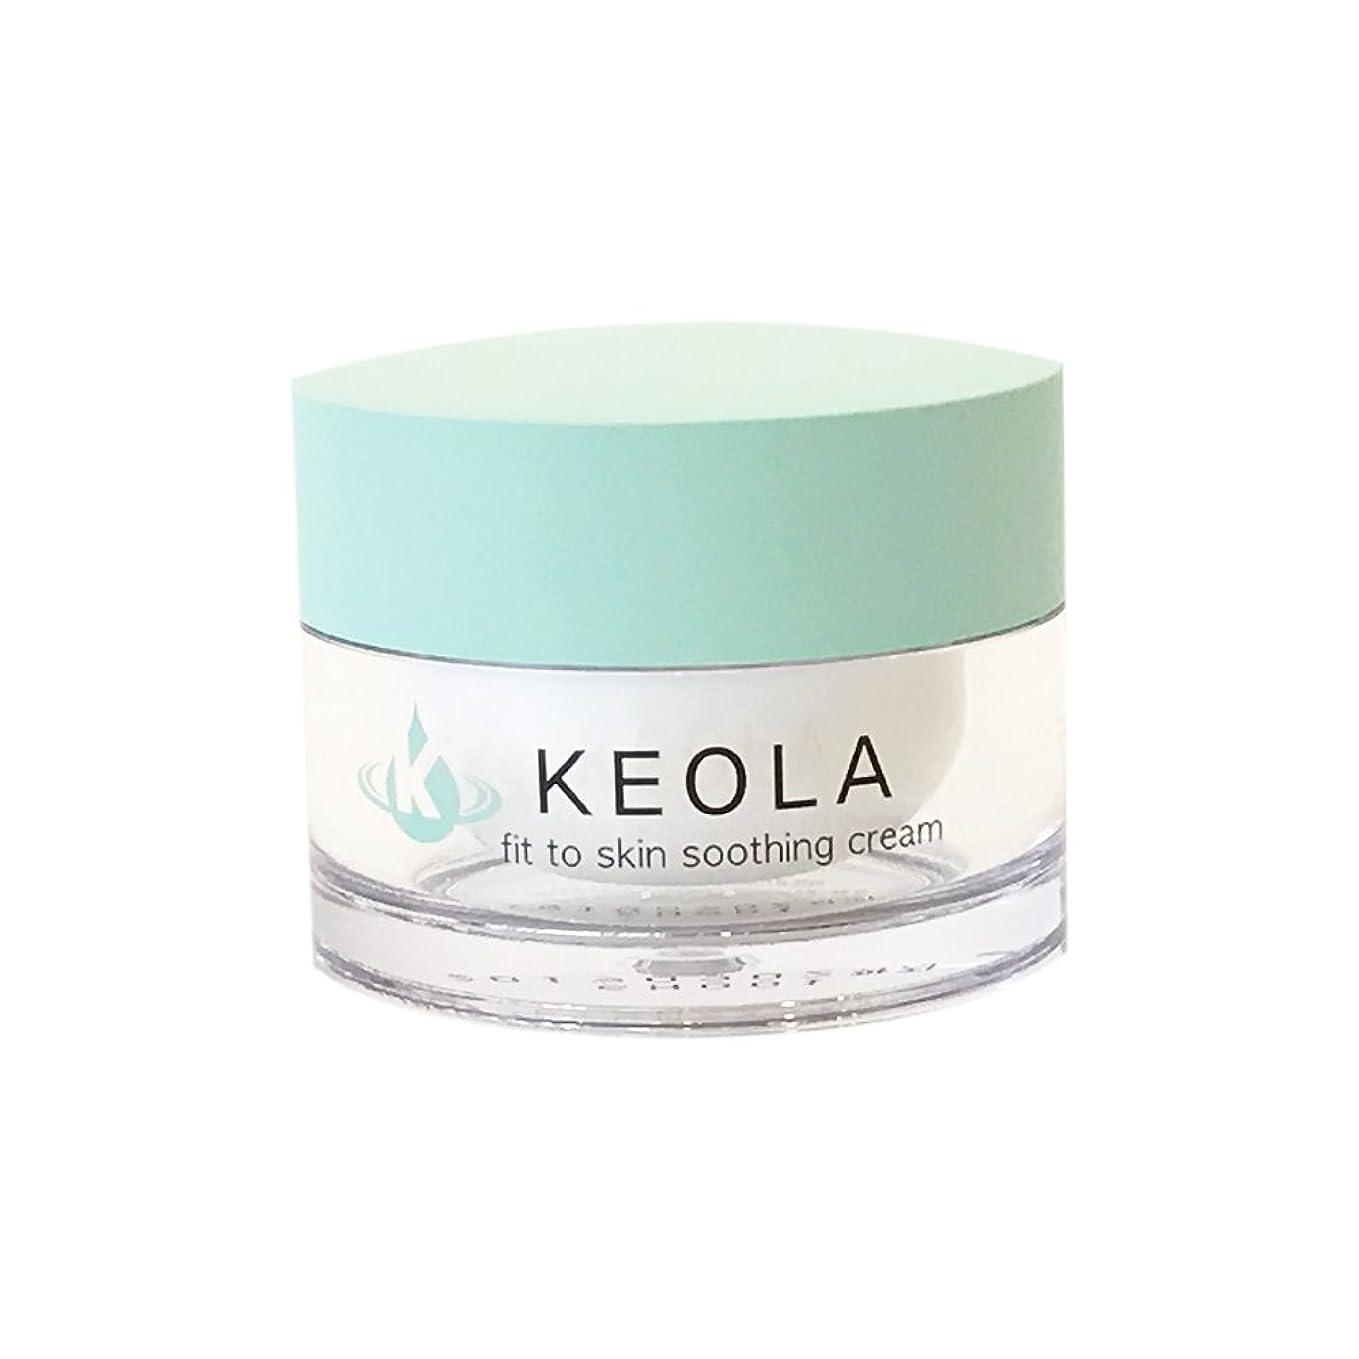 ひいきにする要件習熟度[ケオラ] KEOLA フィットスキンスージングクリーム 50g (KEOLA FIT TO SKIN SOOTHING CREAM 50g) [並行輸入品]